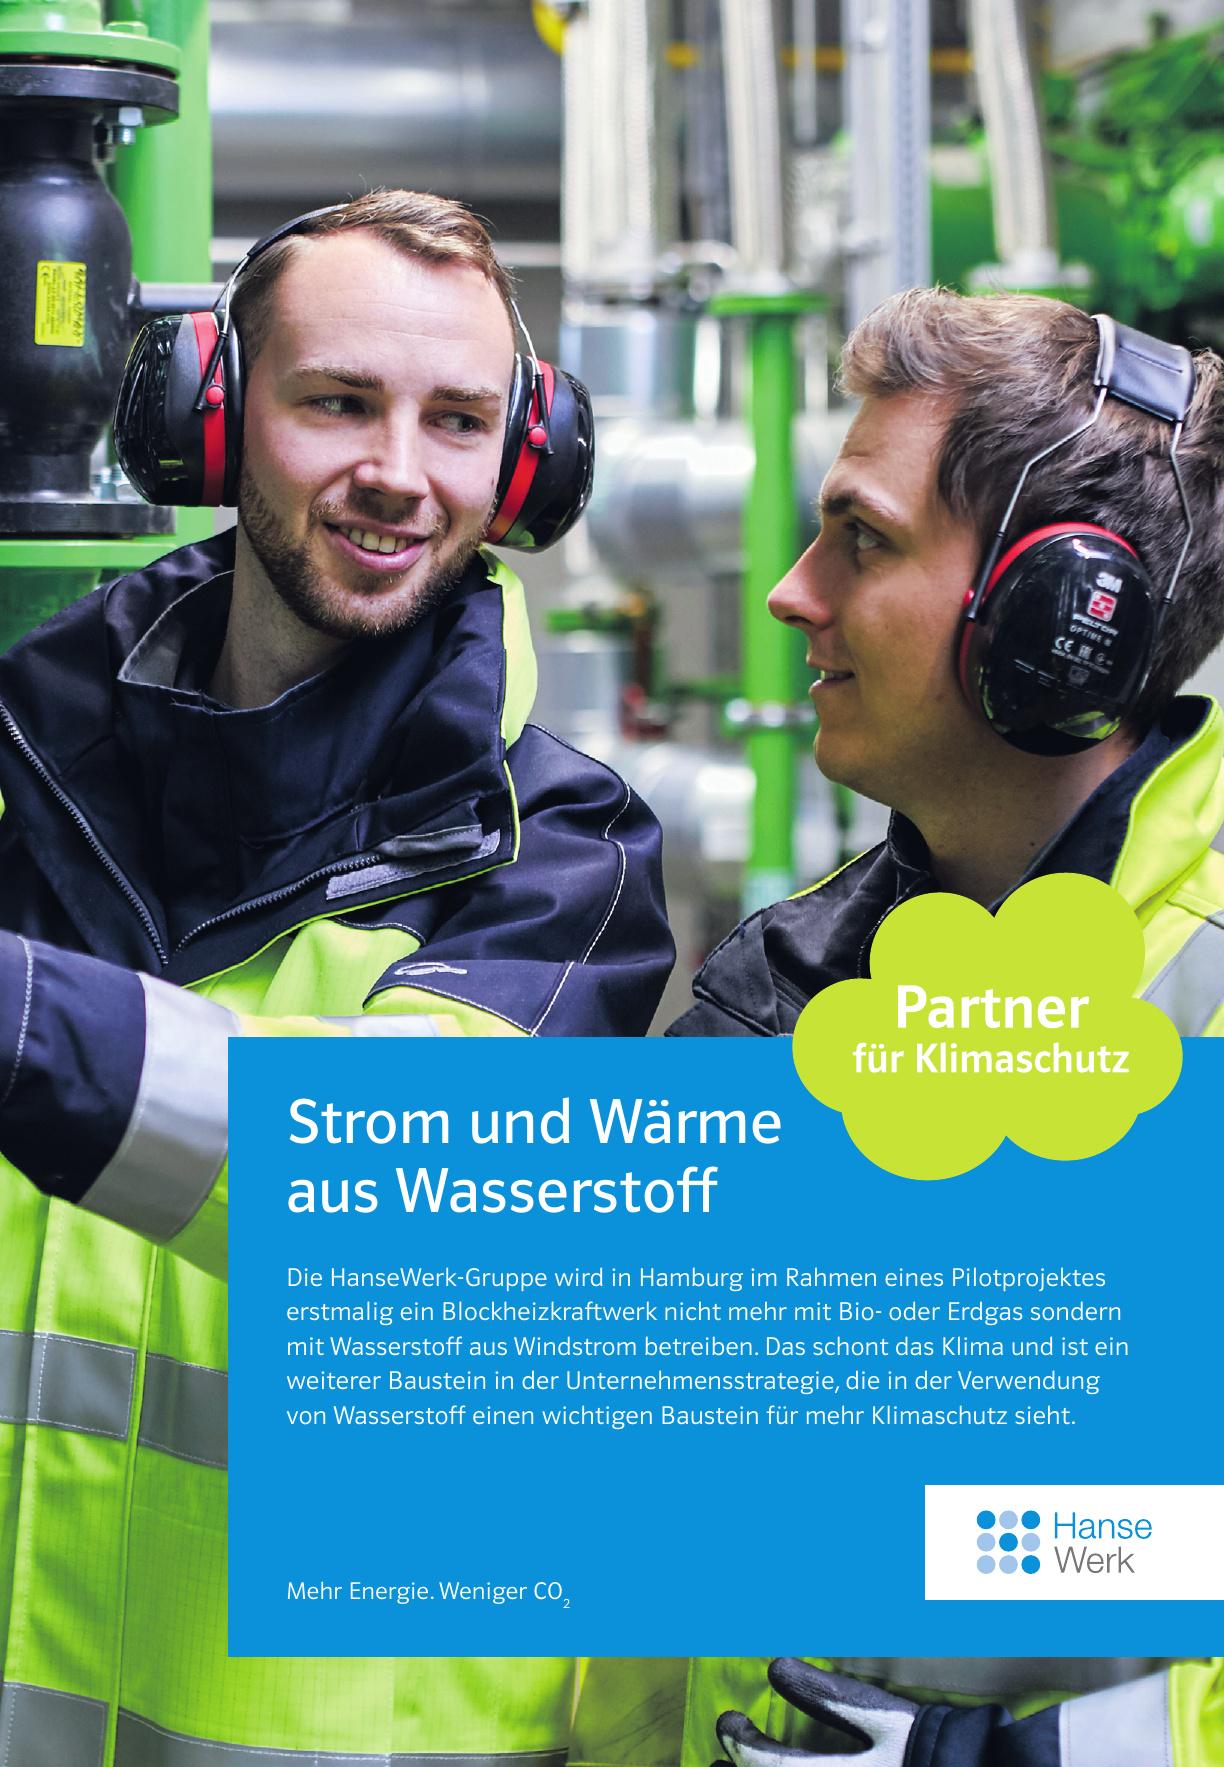 HanseWerk - Mehr Energie. Weniger CO2